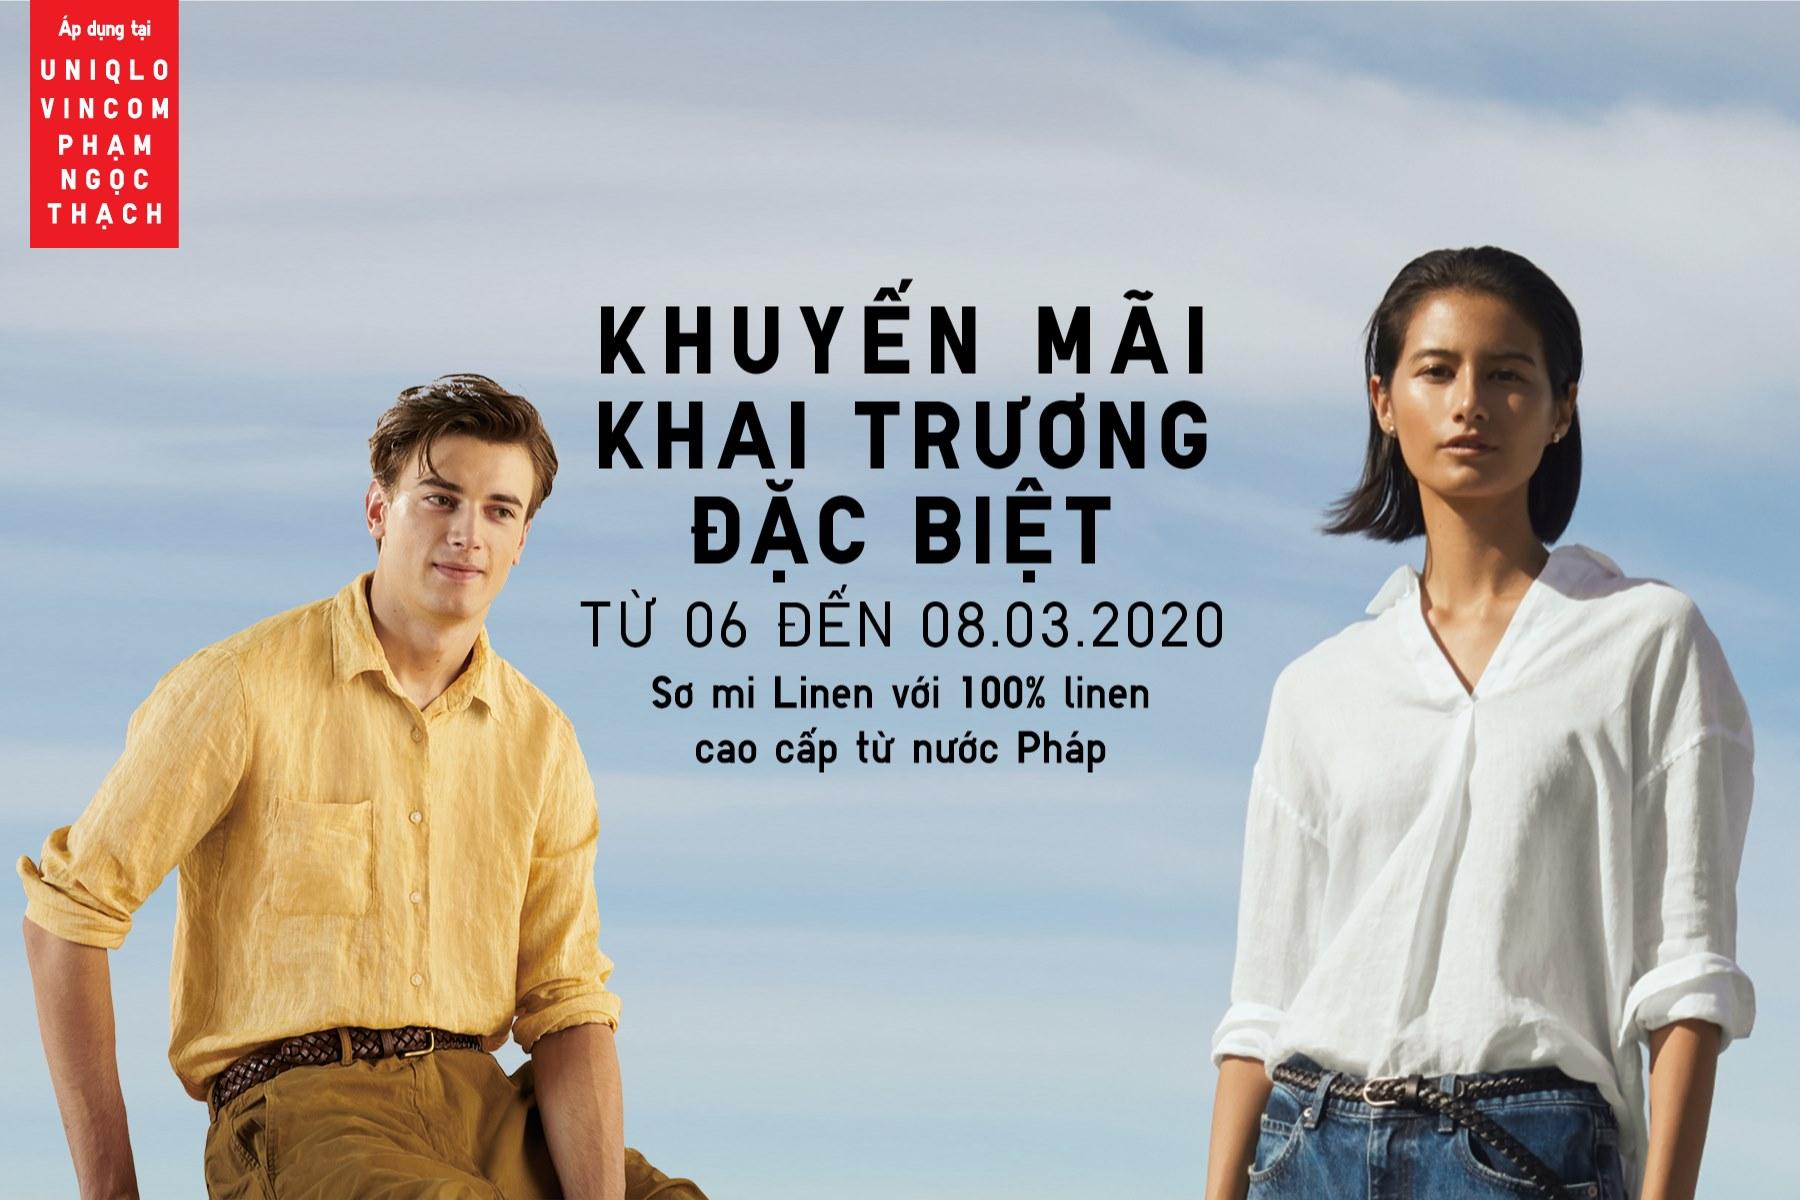 2 ngày nữa khai trương Uniqlo tại Hà Nội, và đây là những món đồ ưu đãi đáng sắm nhất, trong đó áo chống nắng chỉ còn 399k, áo giữ nhiệt sale tới 7 ngày - Ảnh 6.